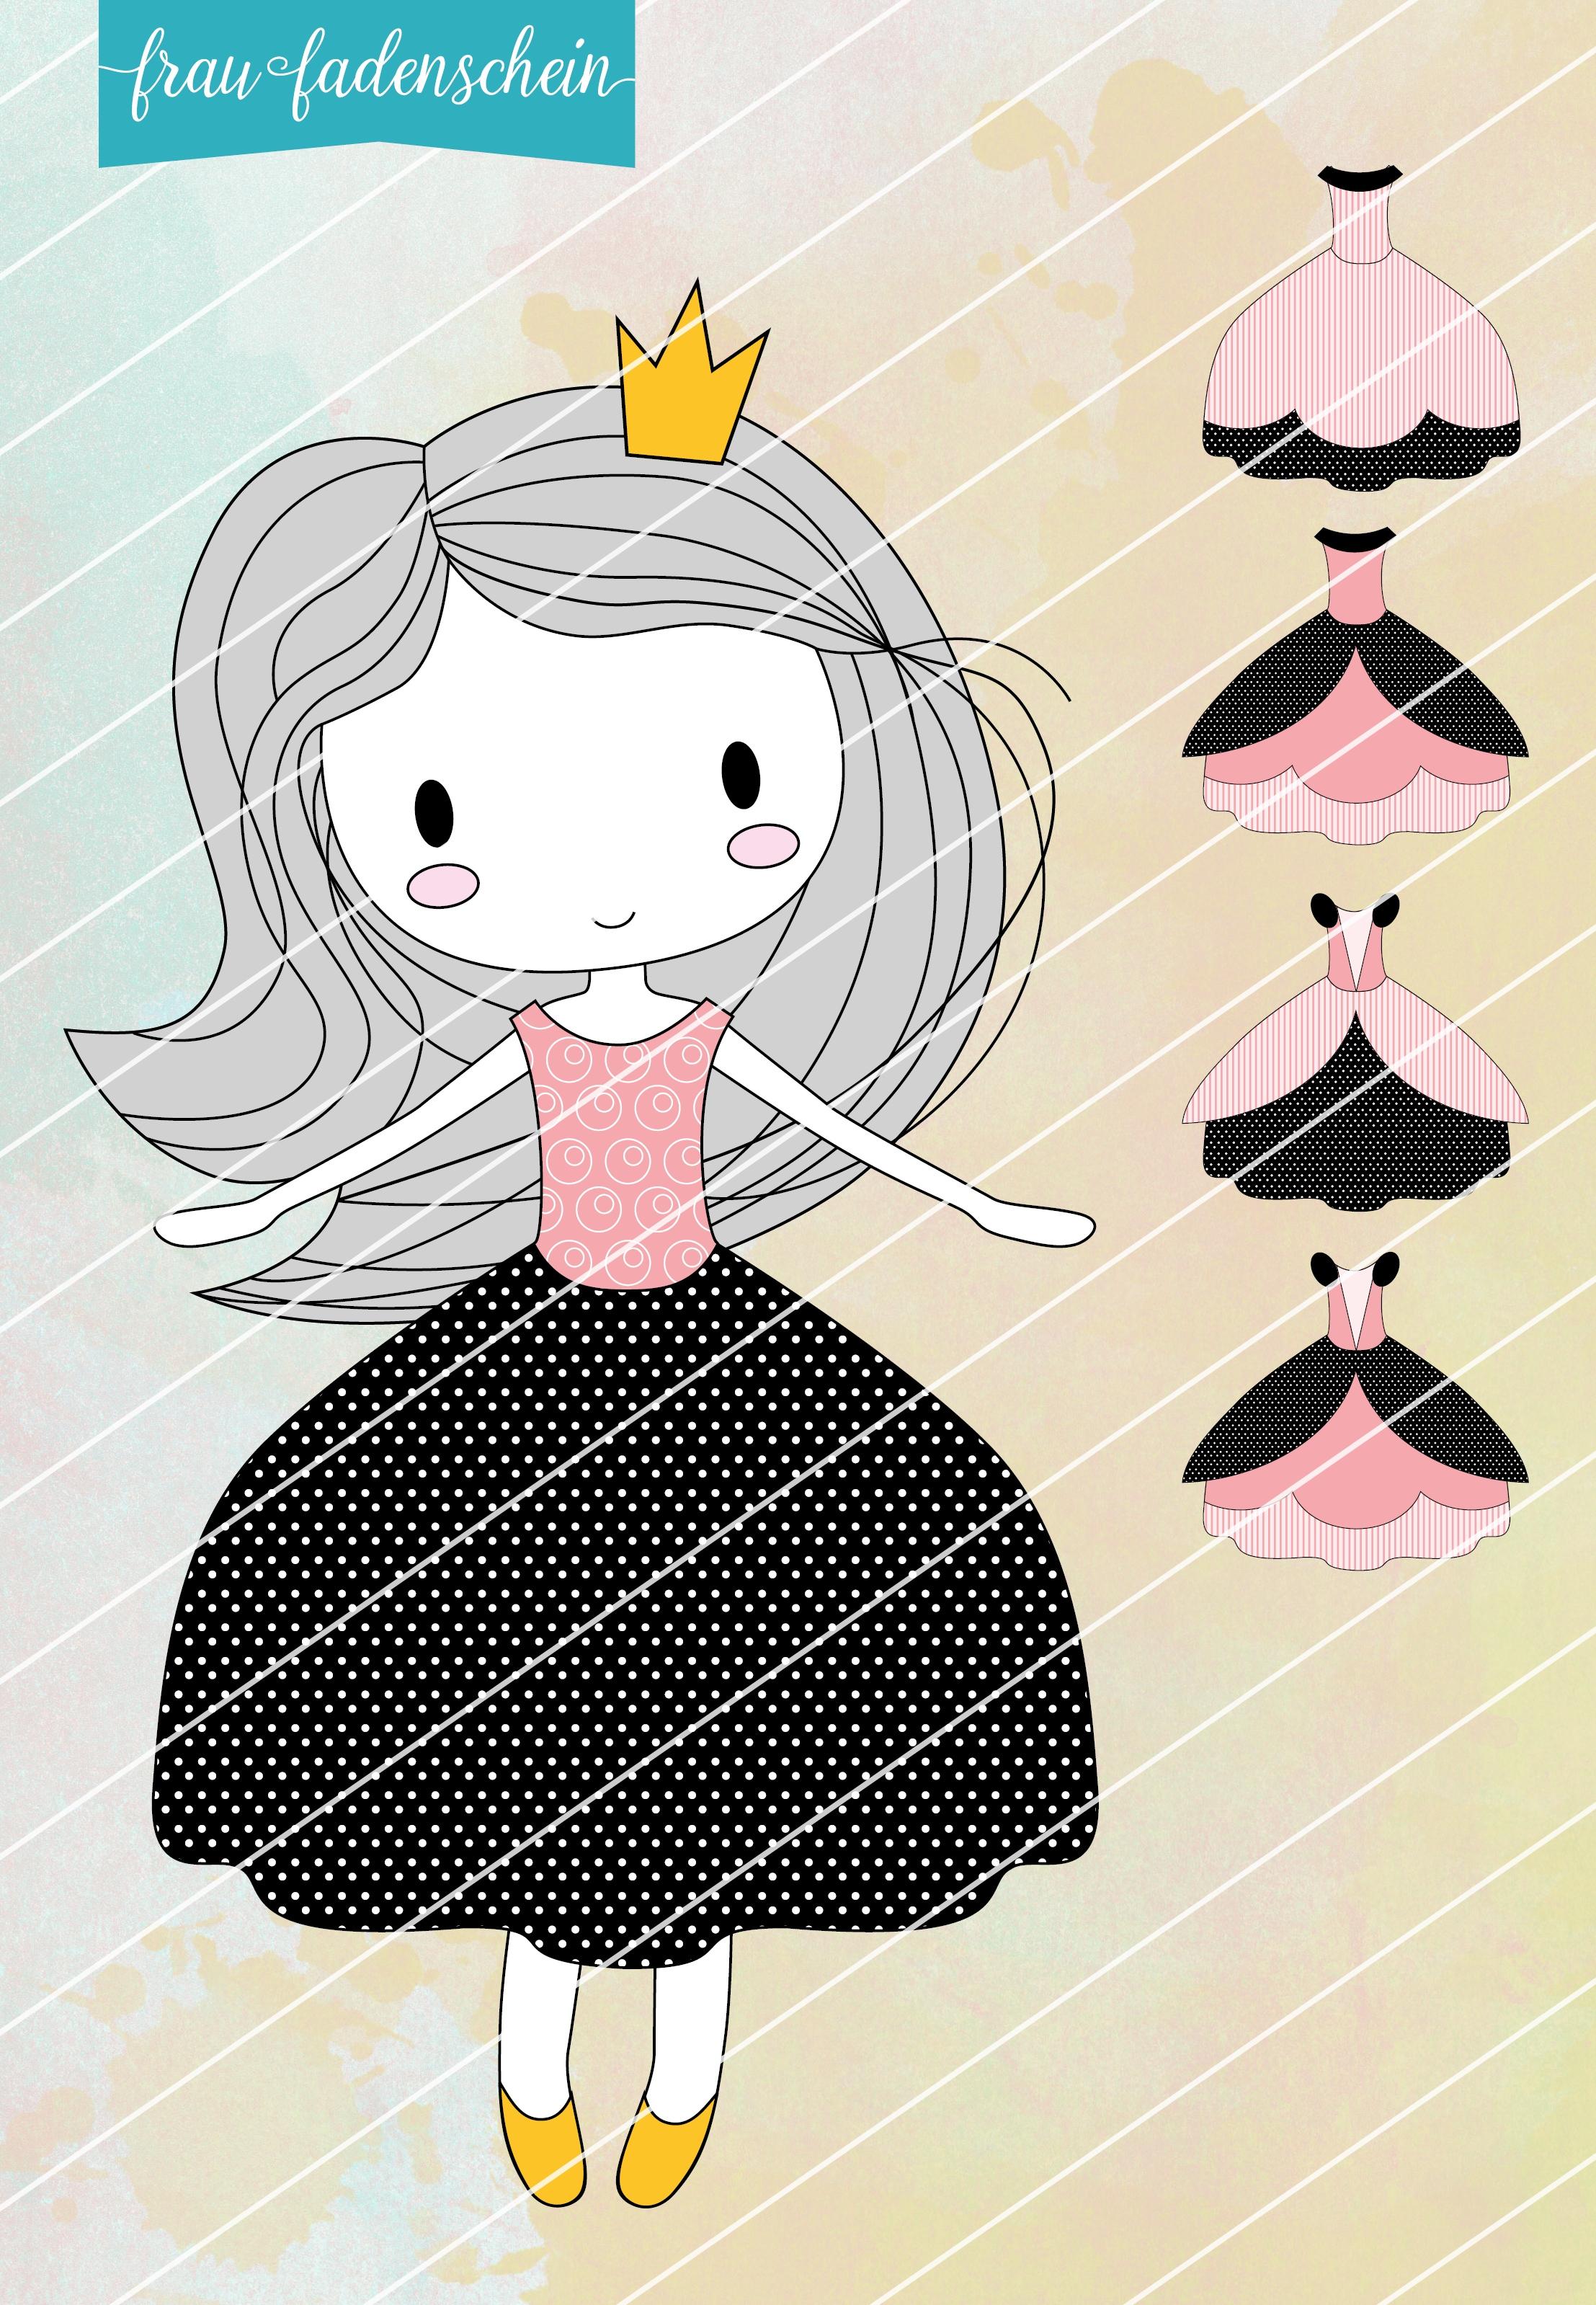 Prinzessin Malvorlage Kostenlos Prinzessinnen Ausmalbilder 8 8